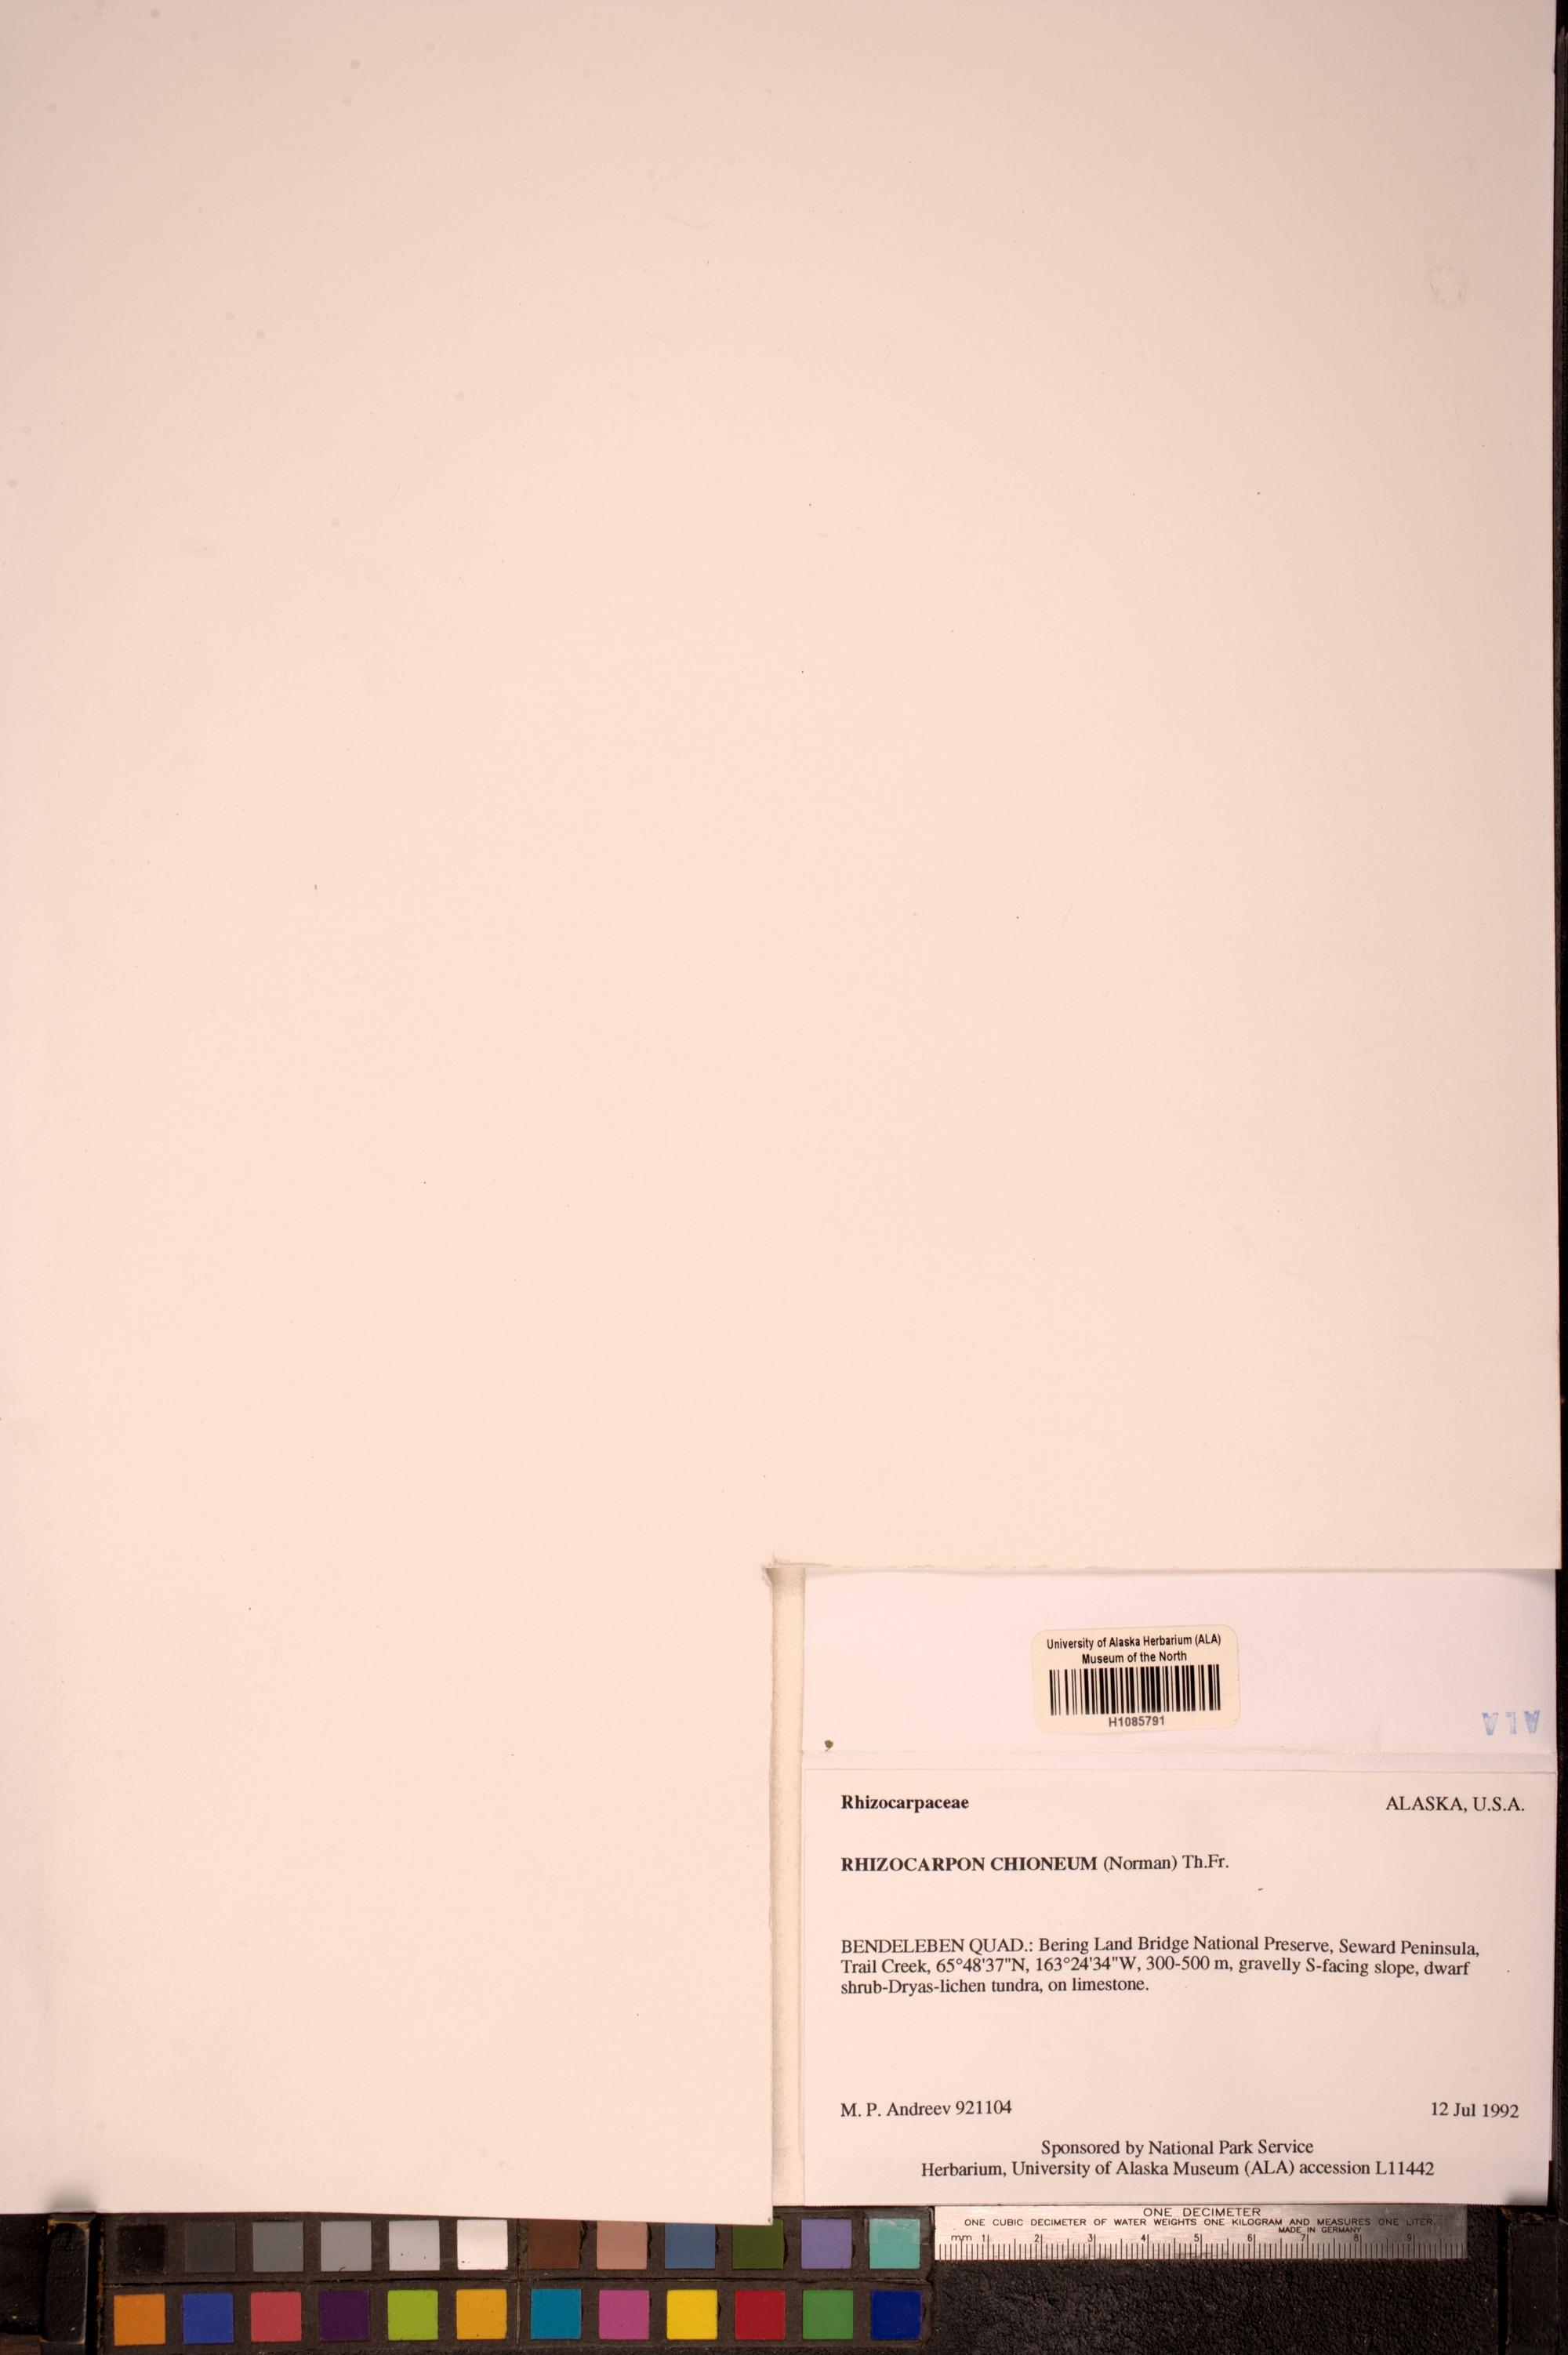 Rhizocarpon chioneum image